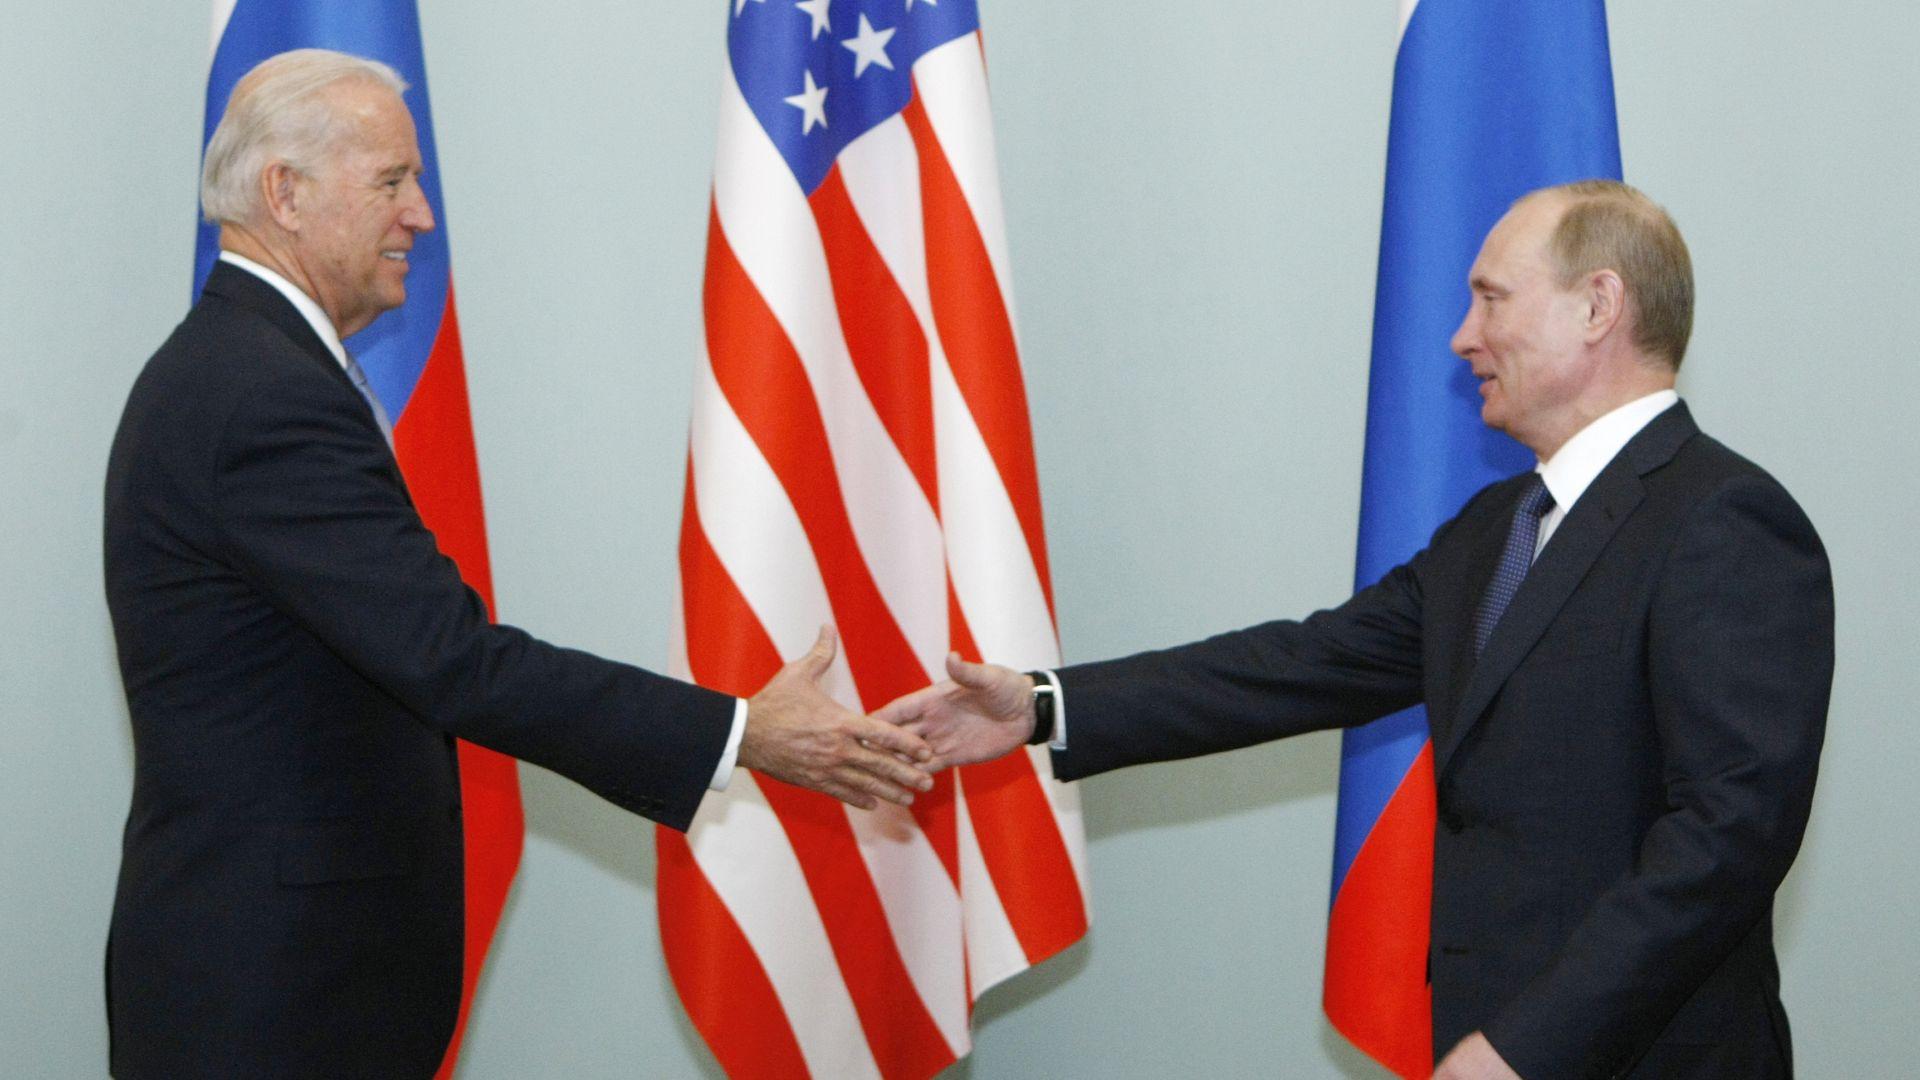 Путин и Байдън се срещат на 16 юни в Женева. Какви са очакванията?